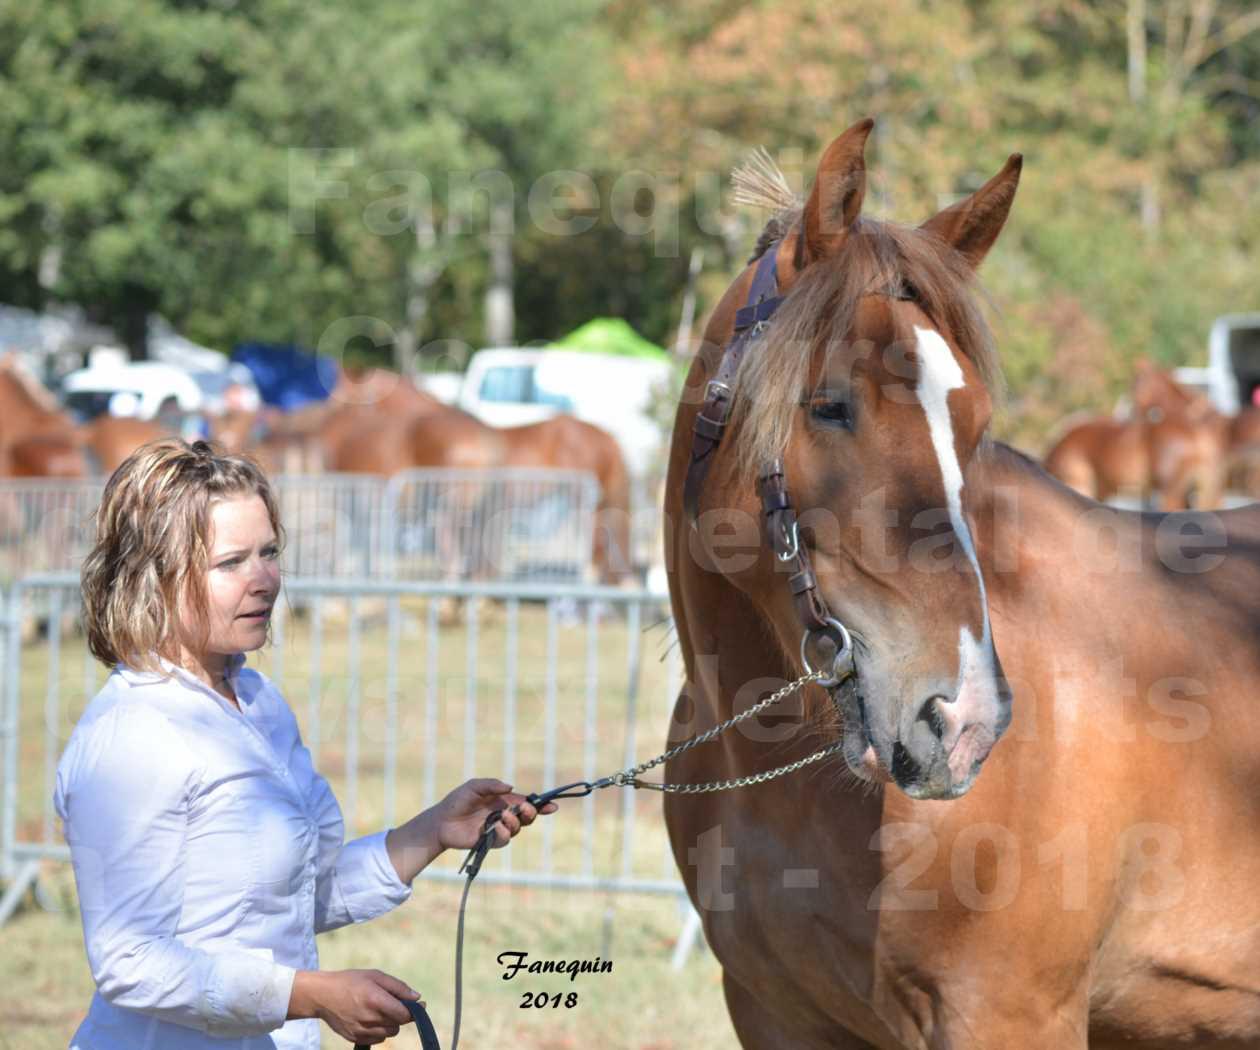 Concours départemental de chevaux de traits à GRAULHET en 2018 - Marjorie DEFRANCE - Notre Sélection - Portraits - 2